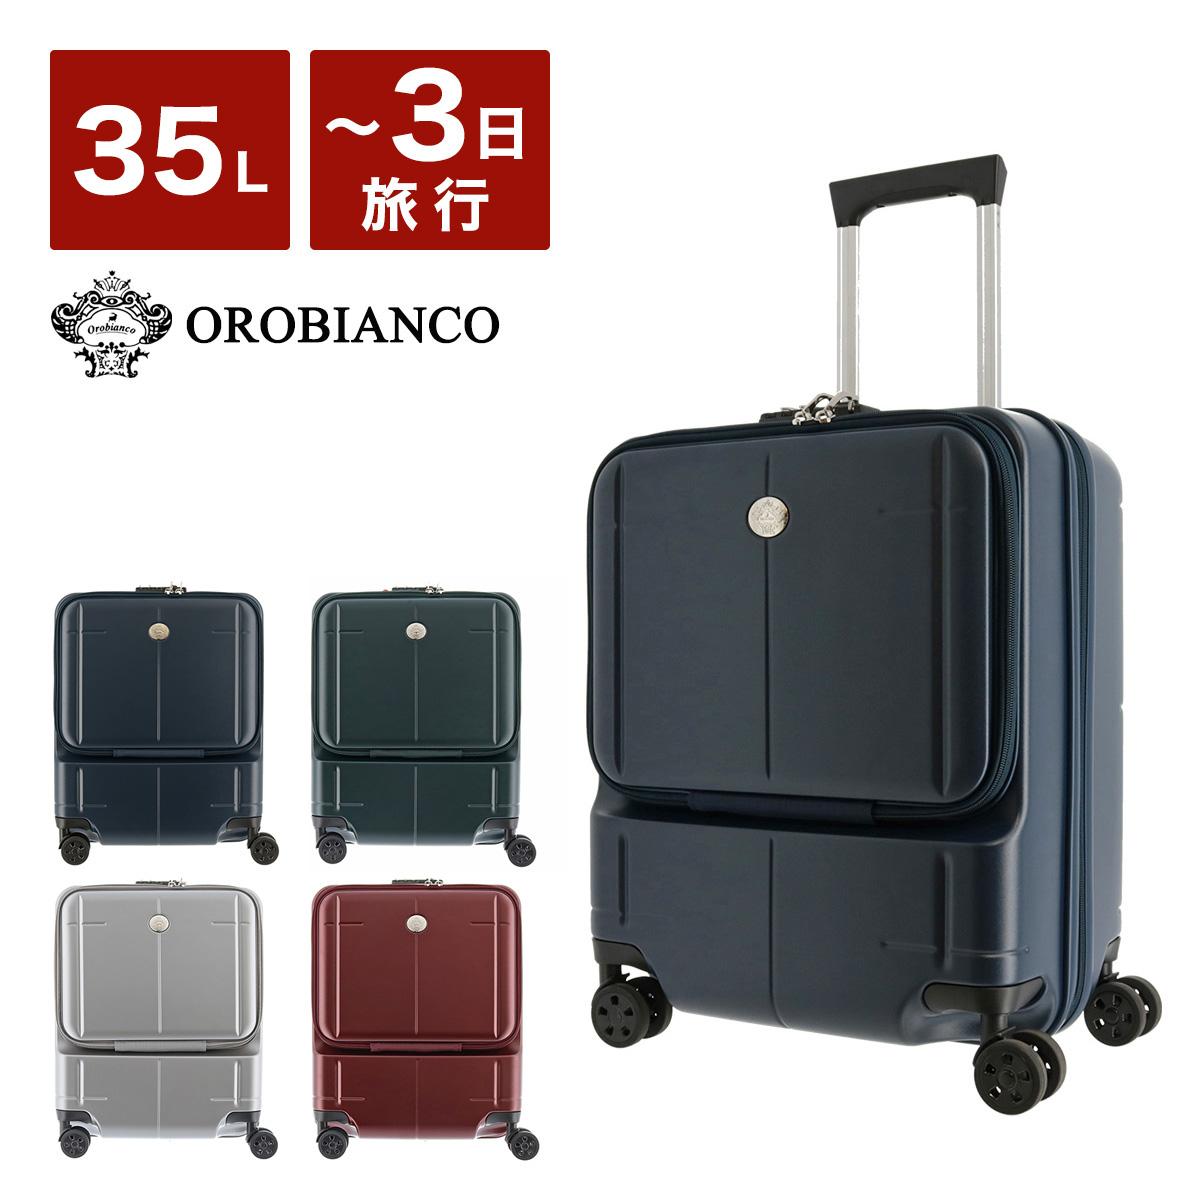 オロビアンコ スーツケース 47cm ハード ARZILLO 35L 9712 OROBIANCO キャリーケース TSAロック搭載 フロントオープン ポケット付き メンズ[bef][即日発送]